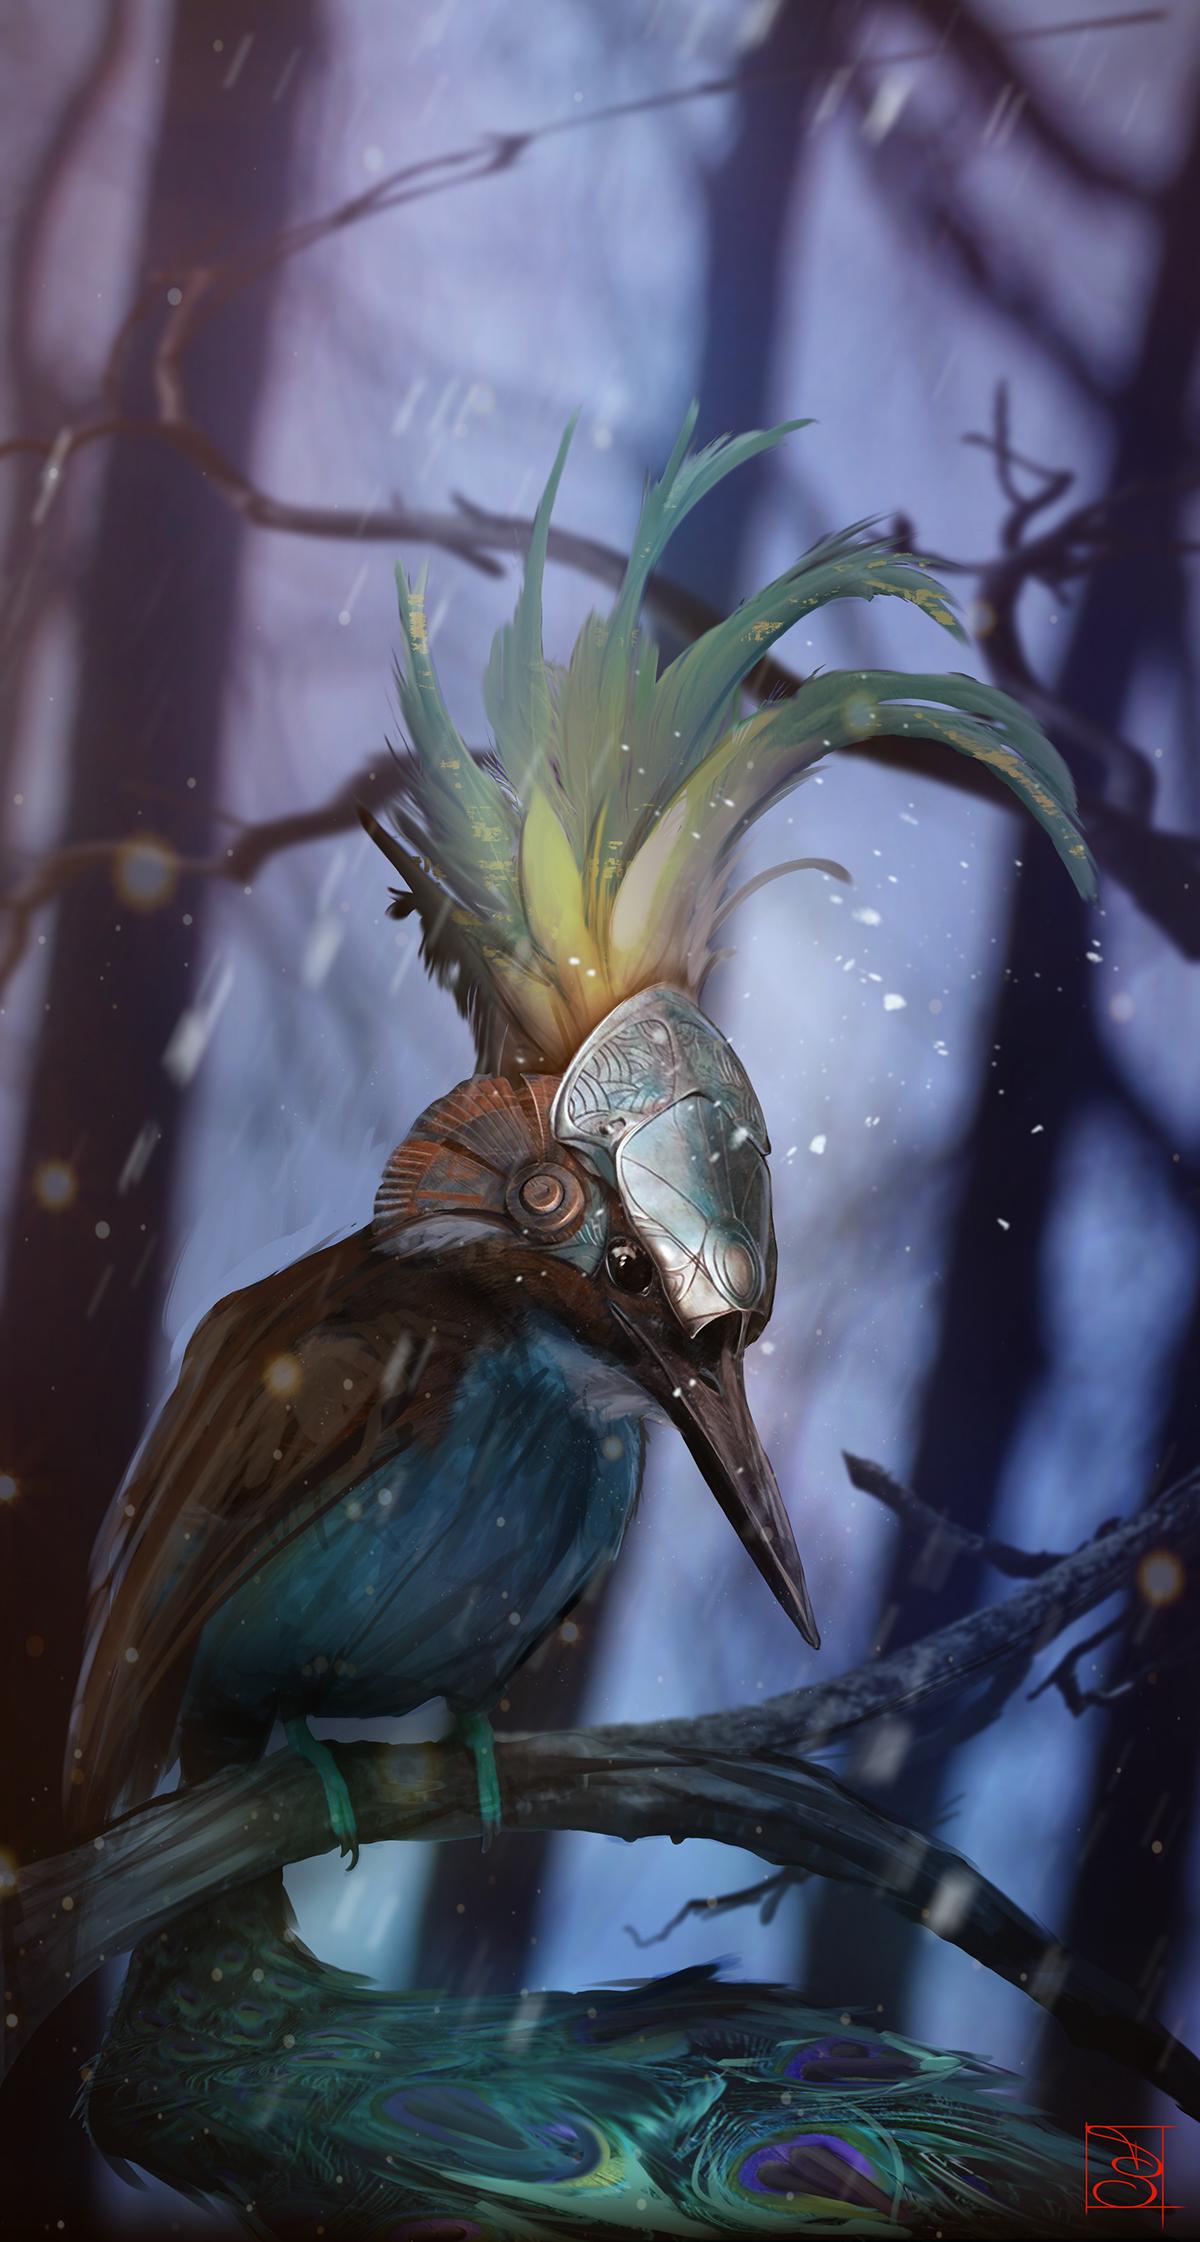 Winter Warrior, dipinto di Diletta De Santis